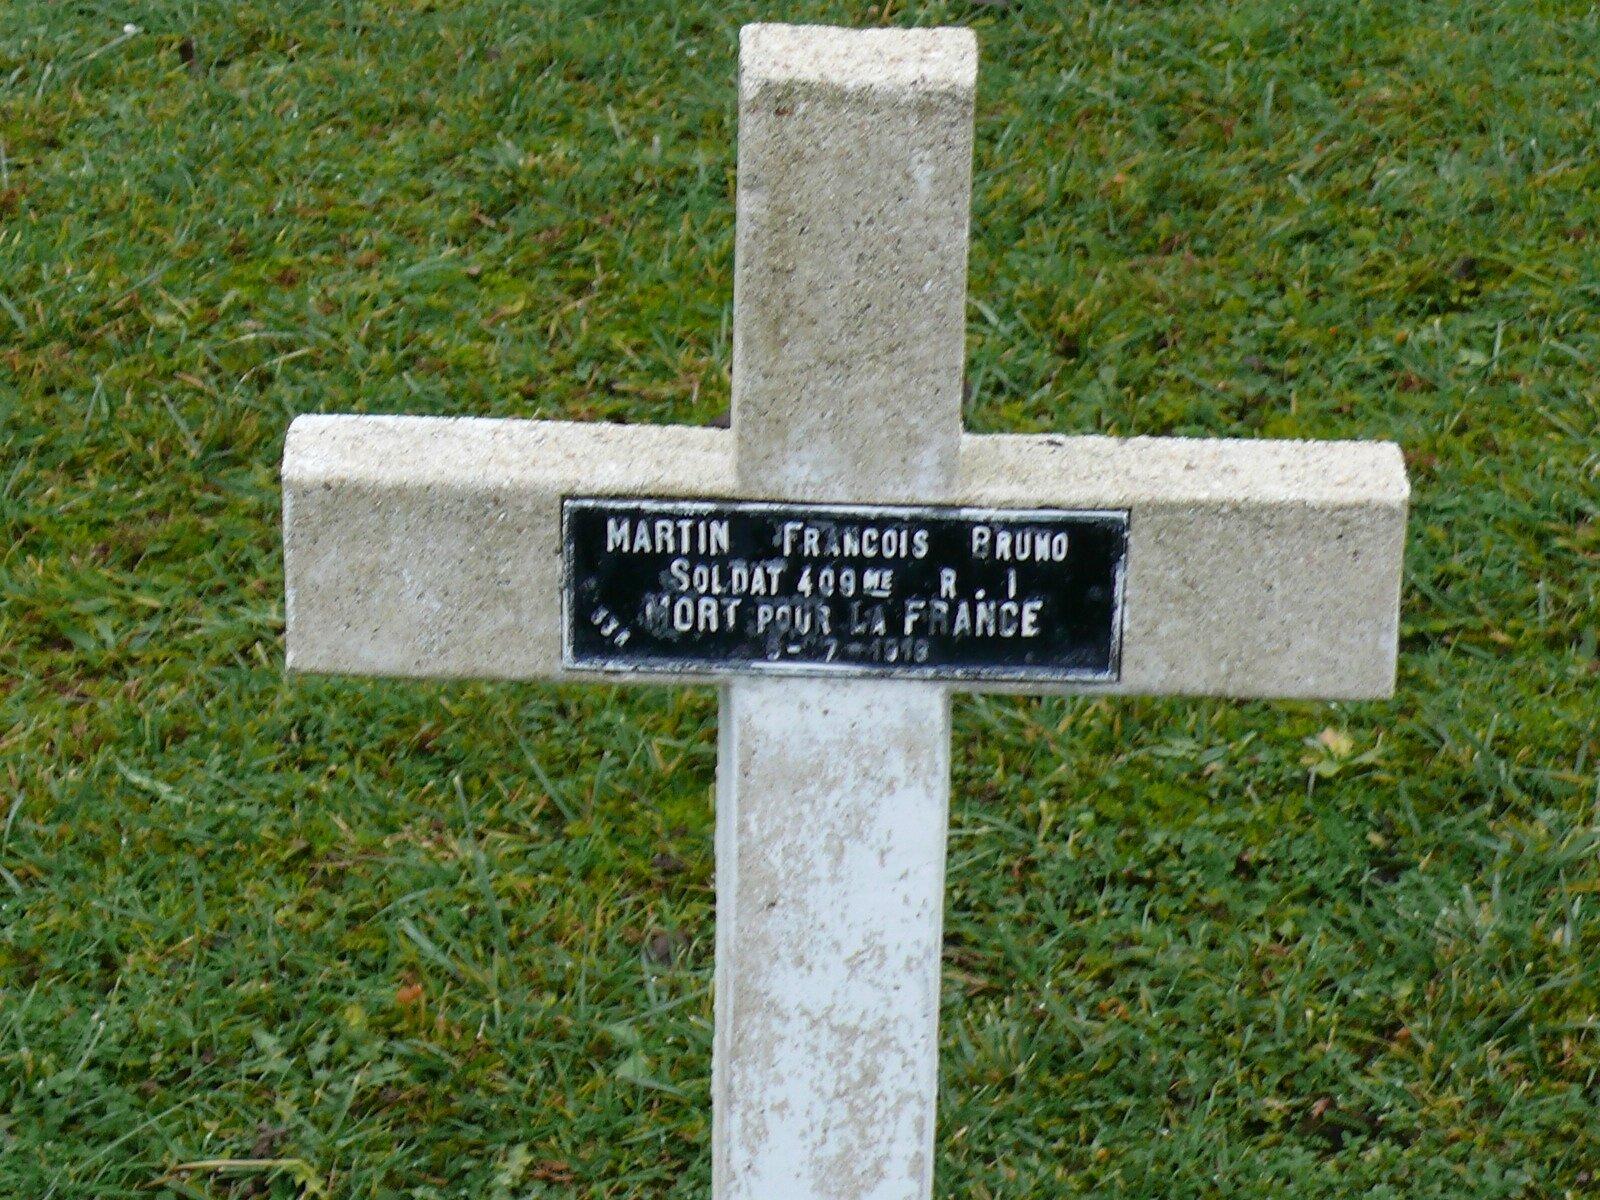 MARTIN François